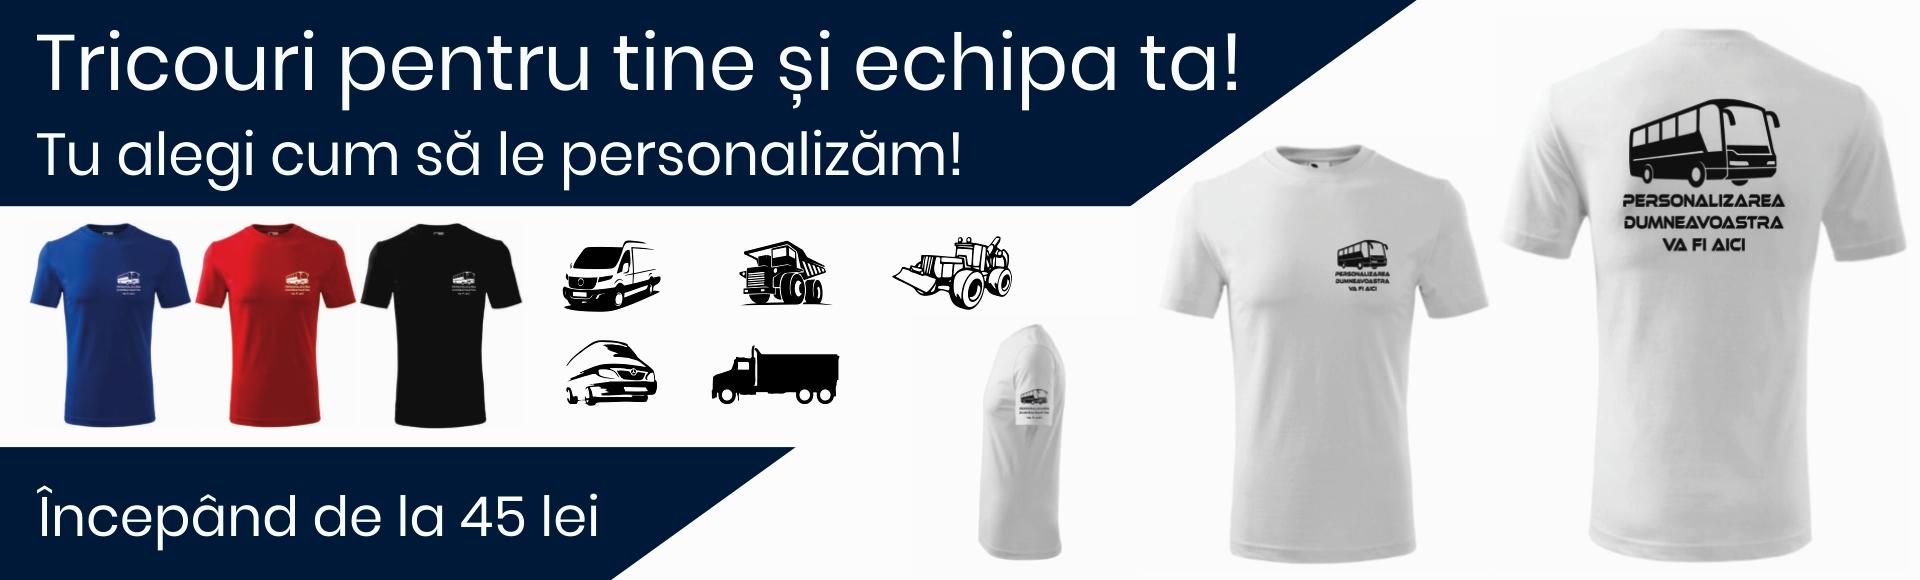 Banner Tricouri Pentru Tine și Echipa ta!